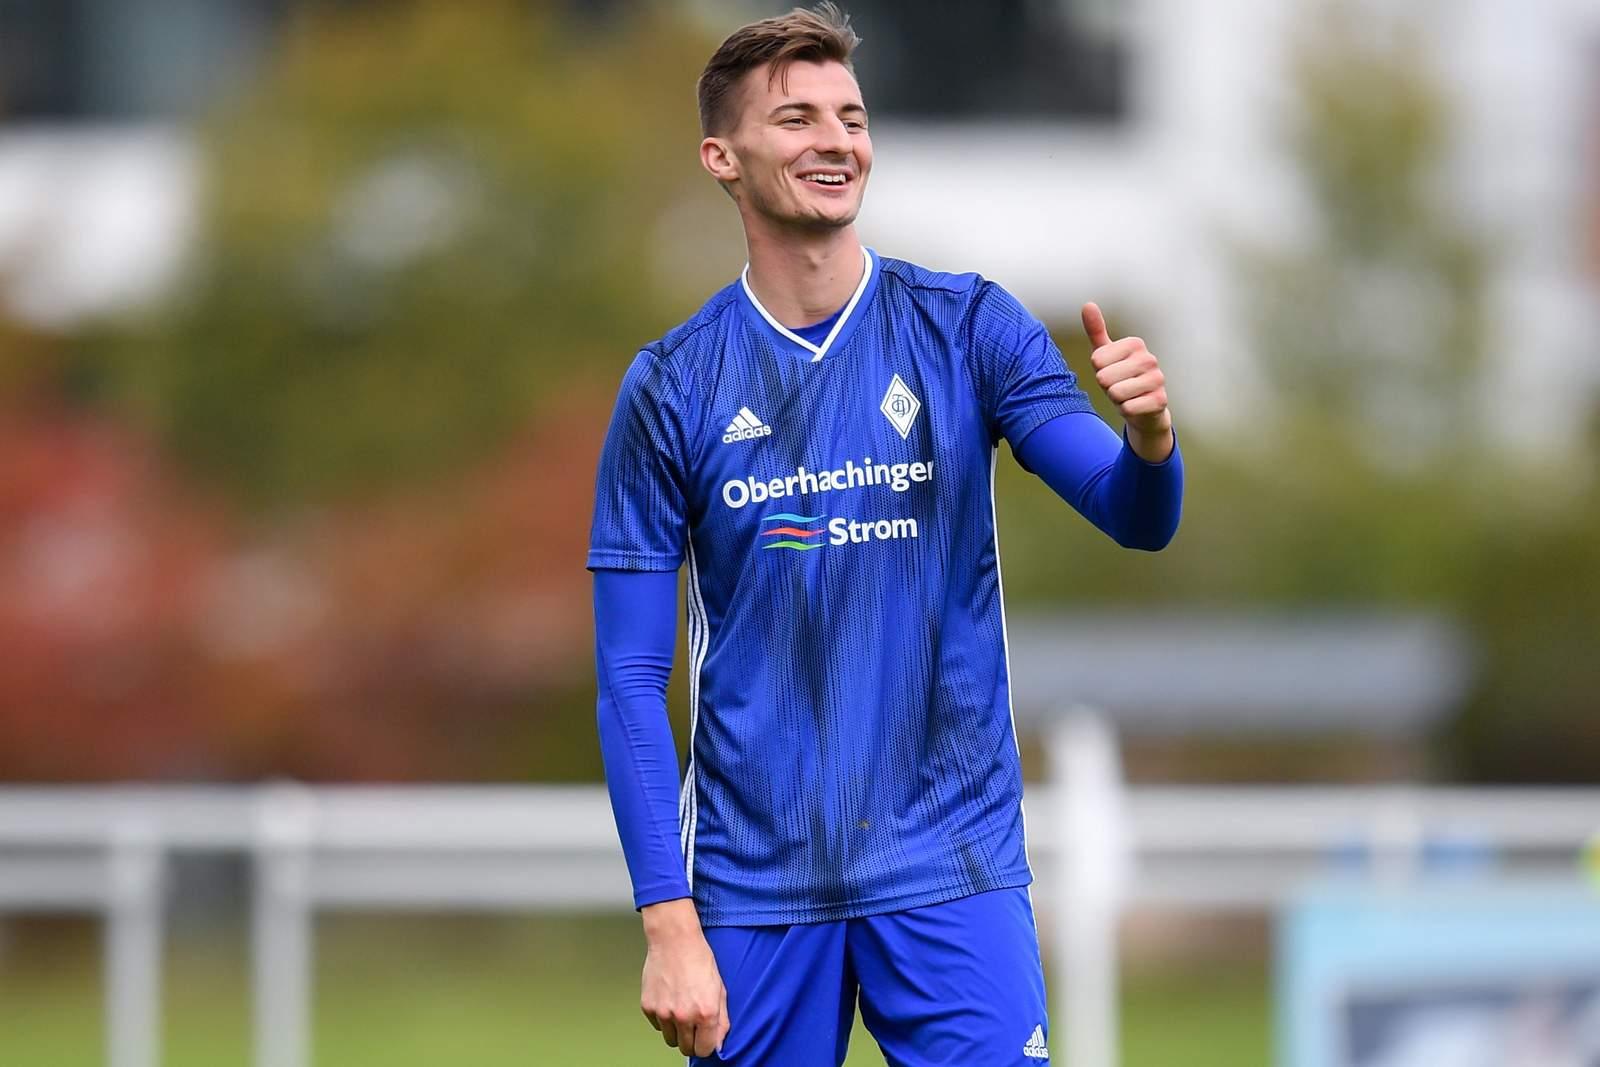 Michael Bachhuber vom FC Deisenhofen